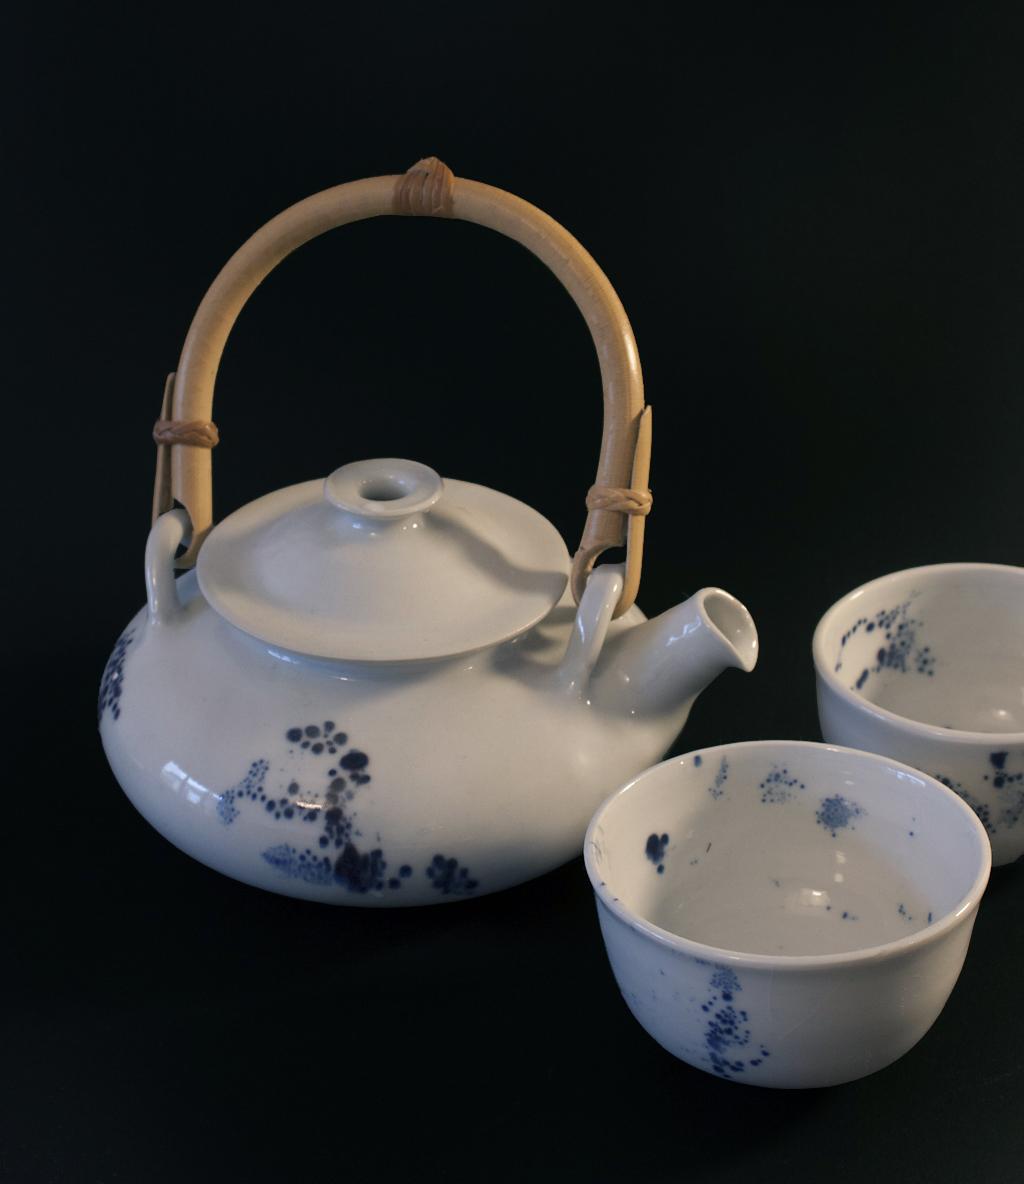 théière et bols en porcelaine, blanc tacheté